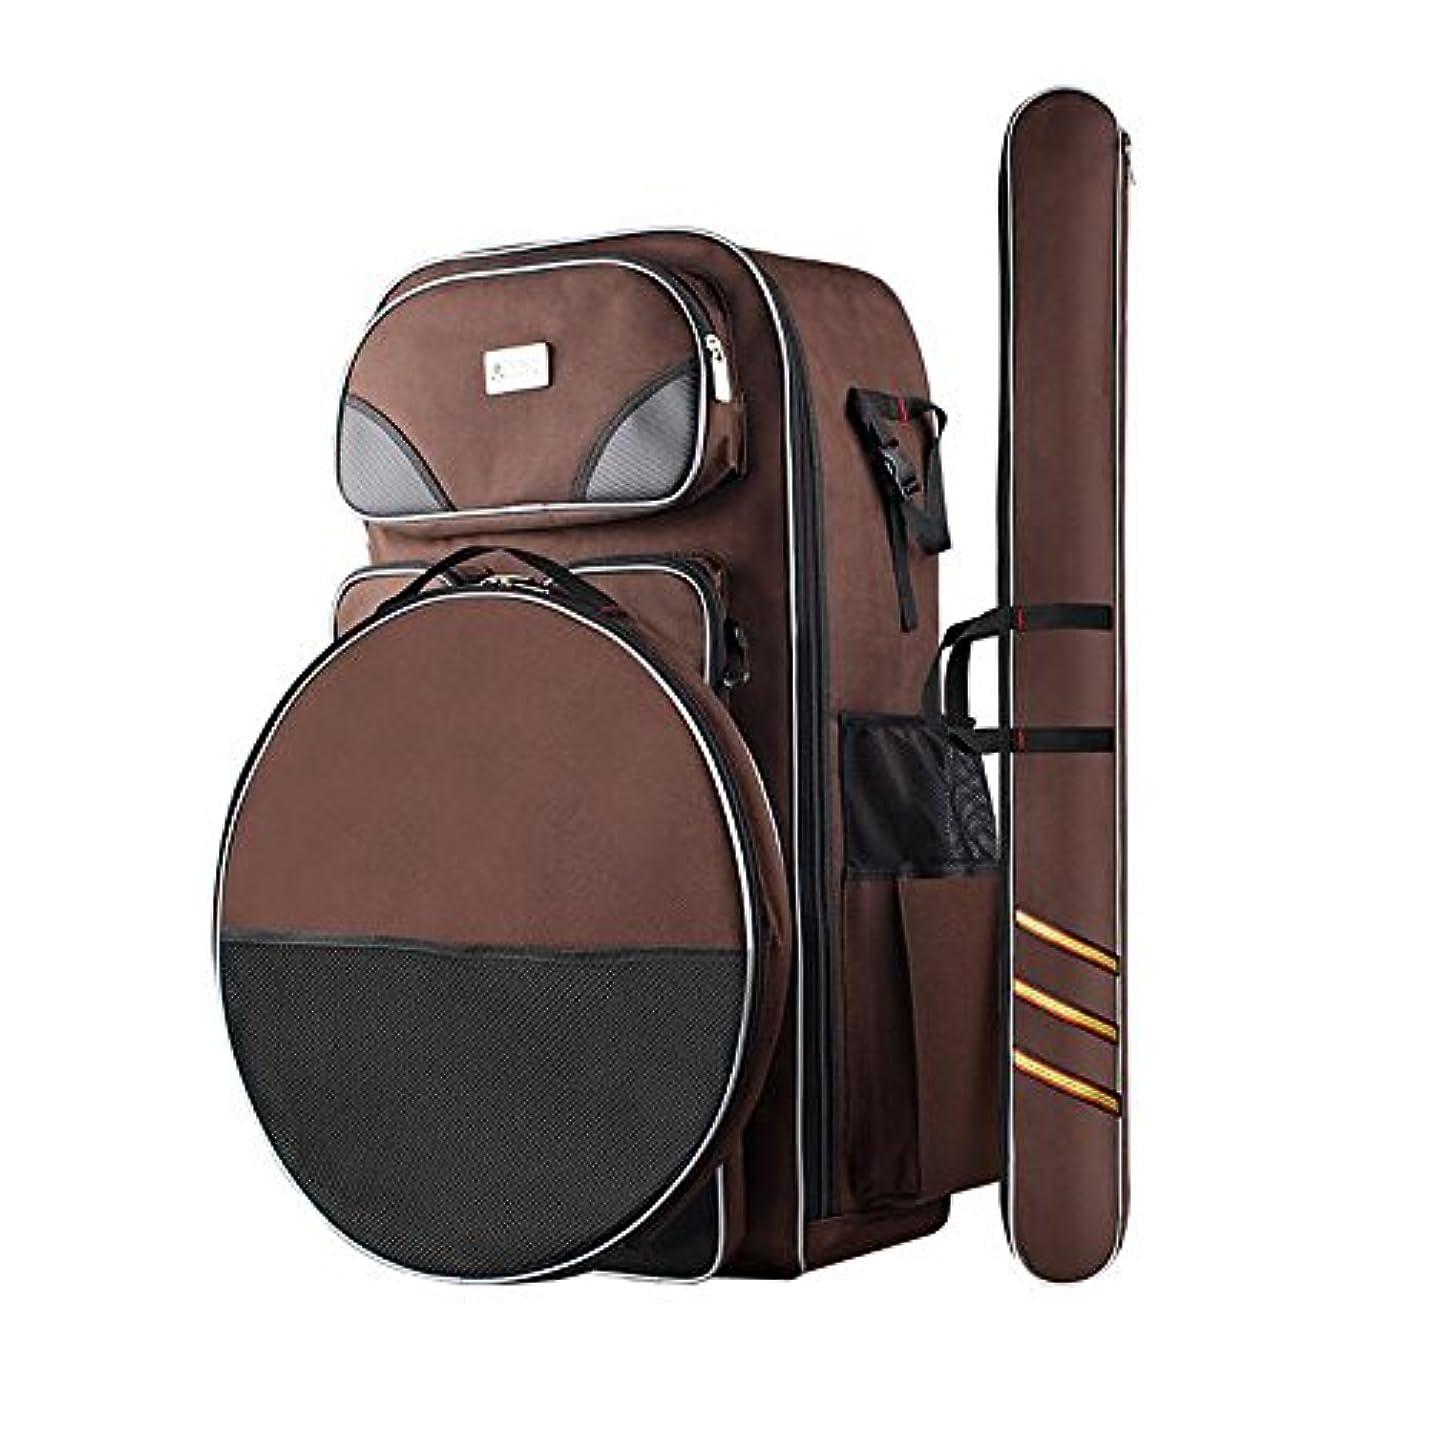 リハーサル建物復活する釣り用品 釣りバッグ タックルバッグ セット ロッドケース 漁具包 大容量 多機能 運び便利 釣りバックパック 取りはずしのきく